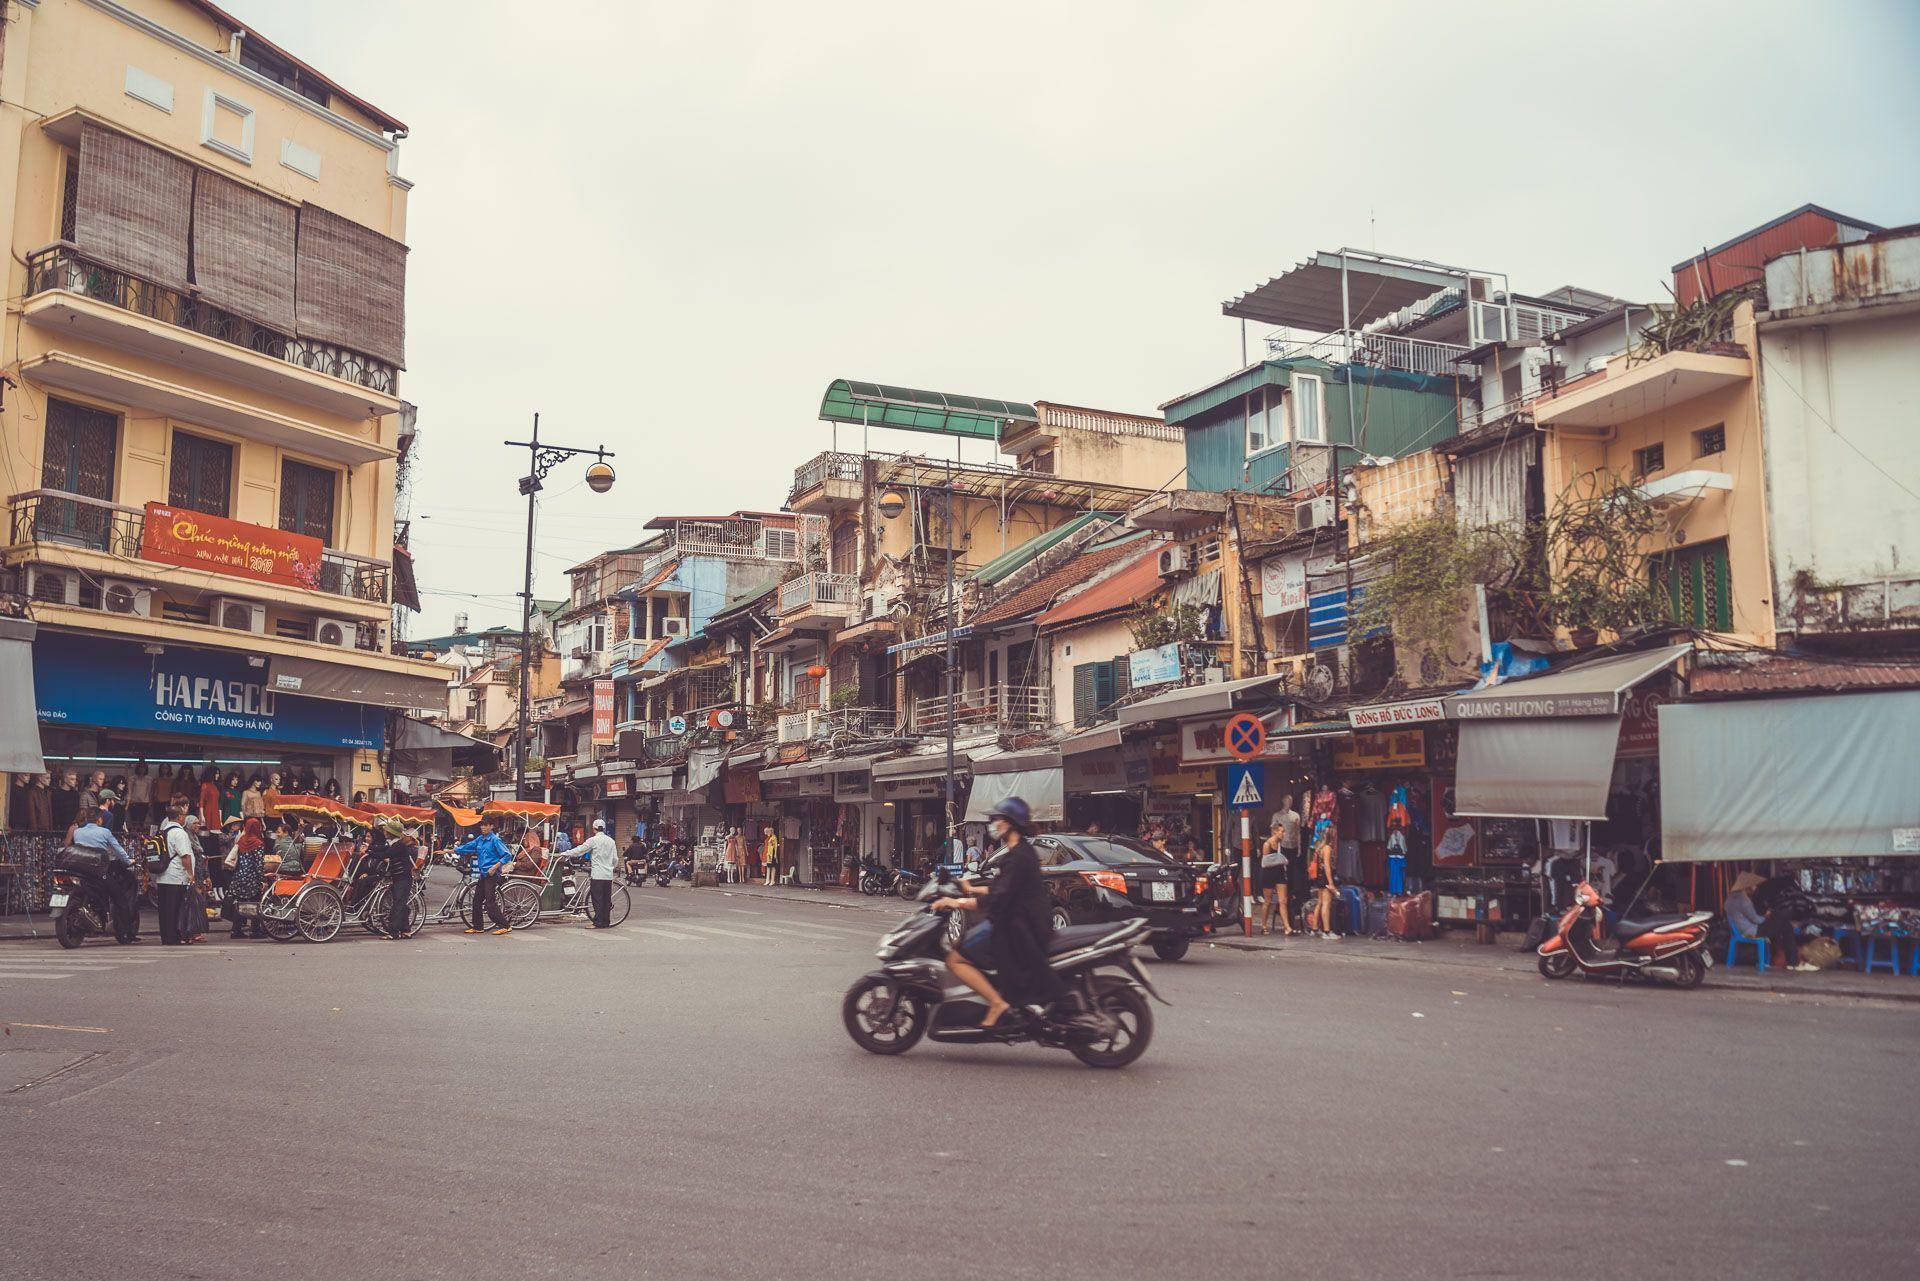 LesVoyageuses-Vietnam-hanoi-tour-vespa-adventures-12